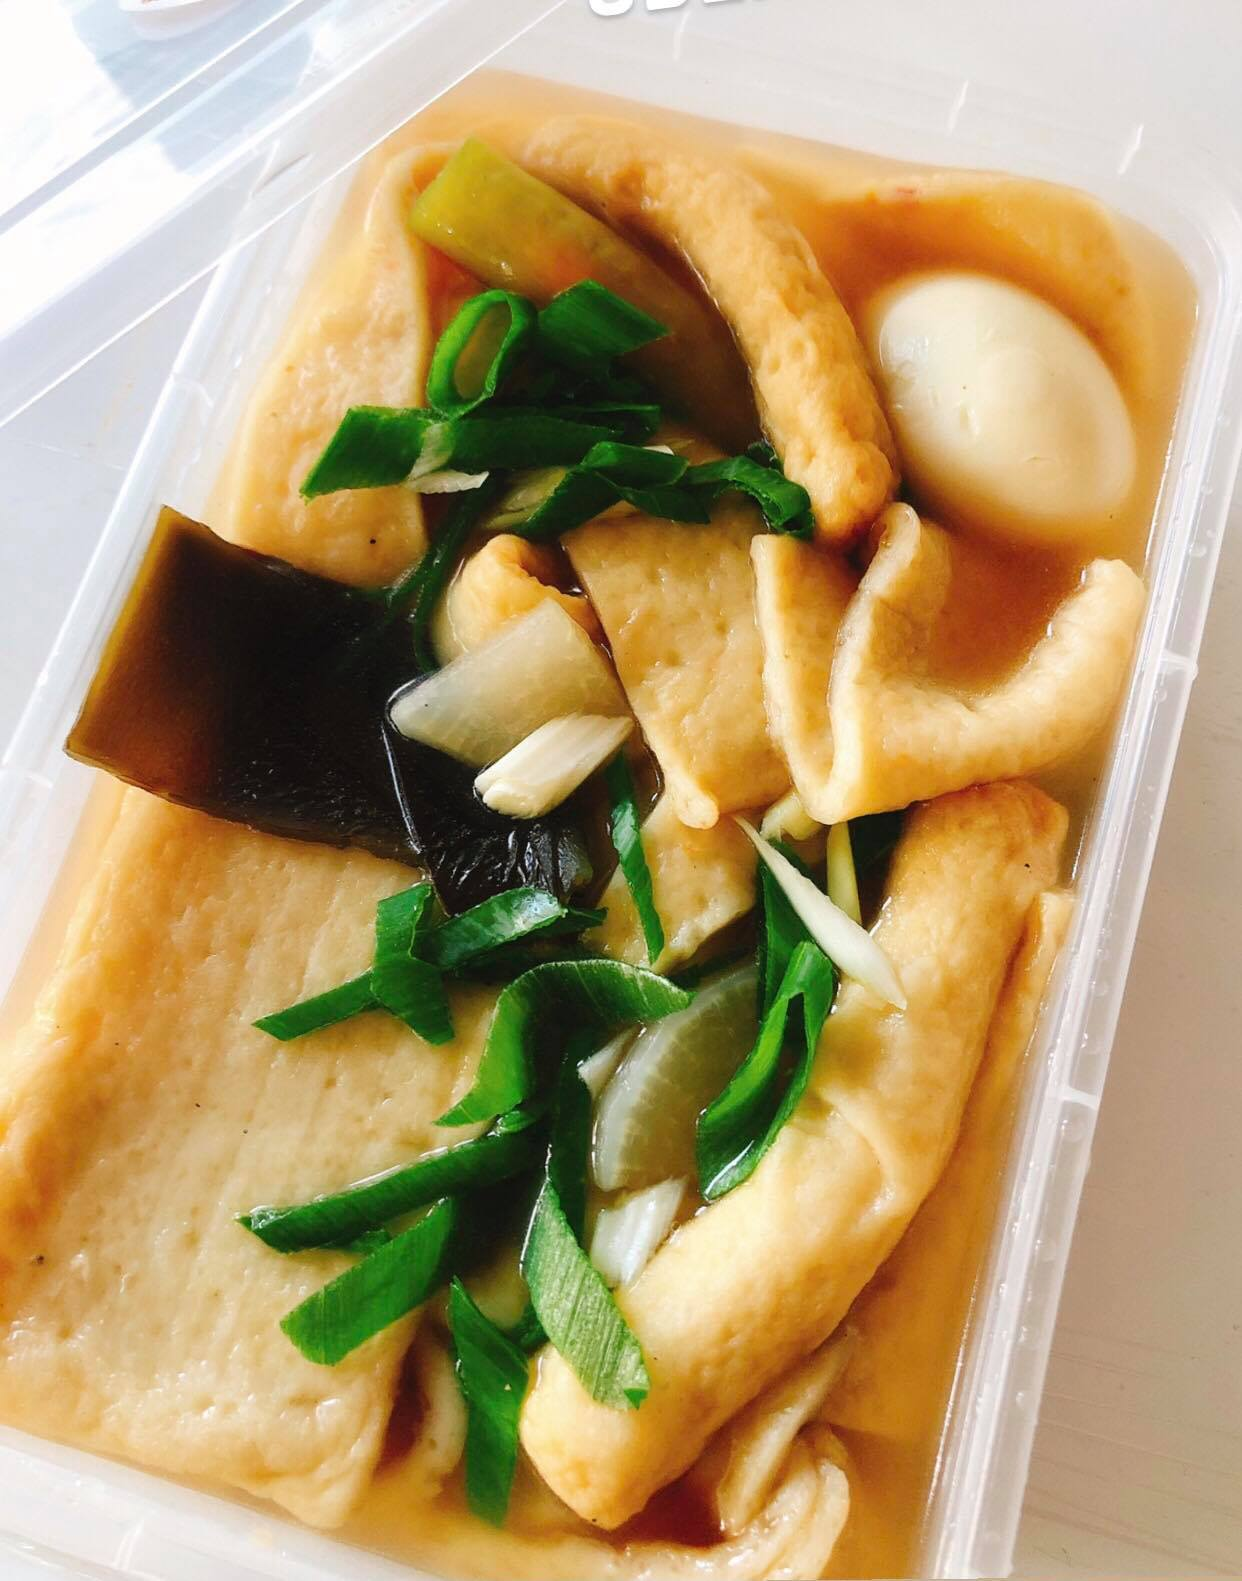 Busan Kitchen: Odeng